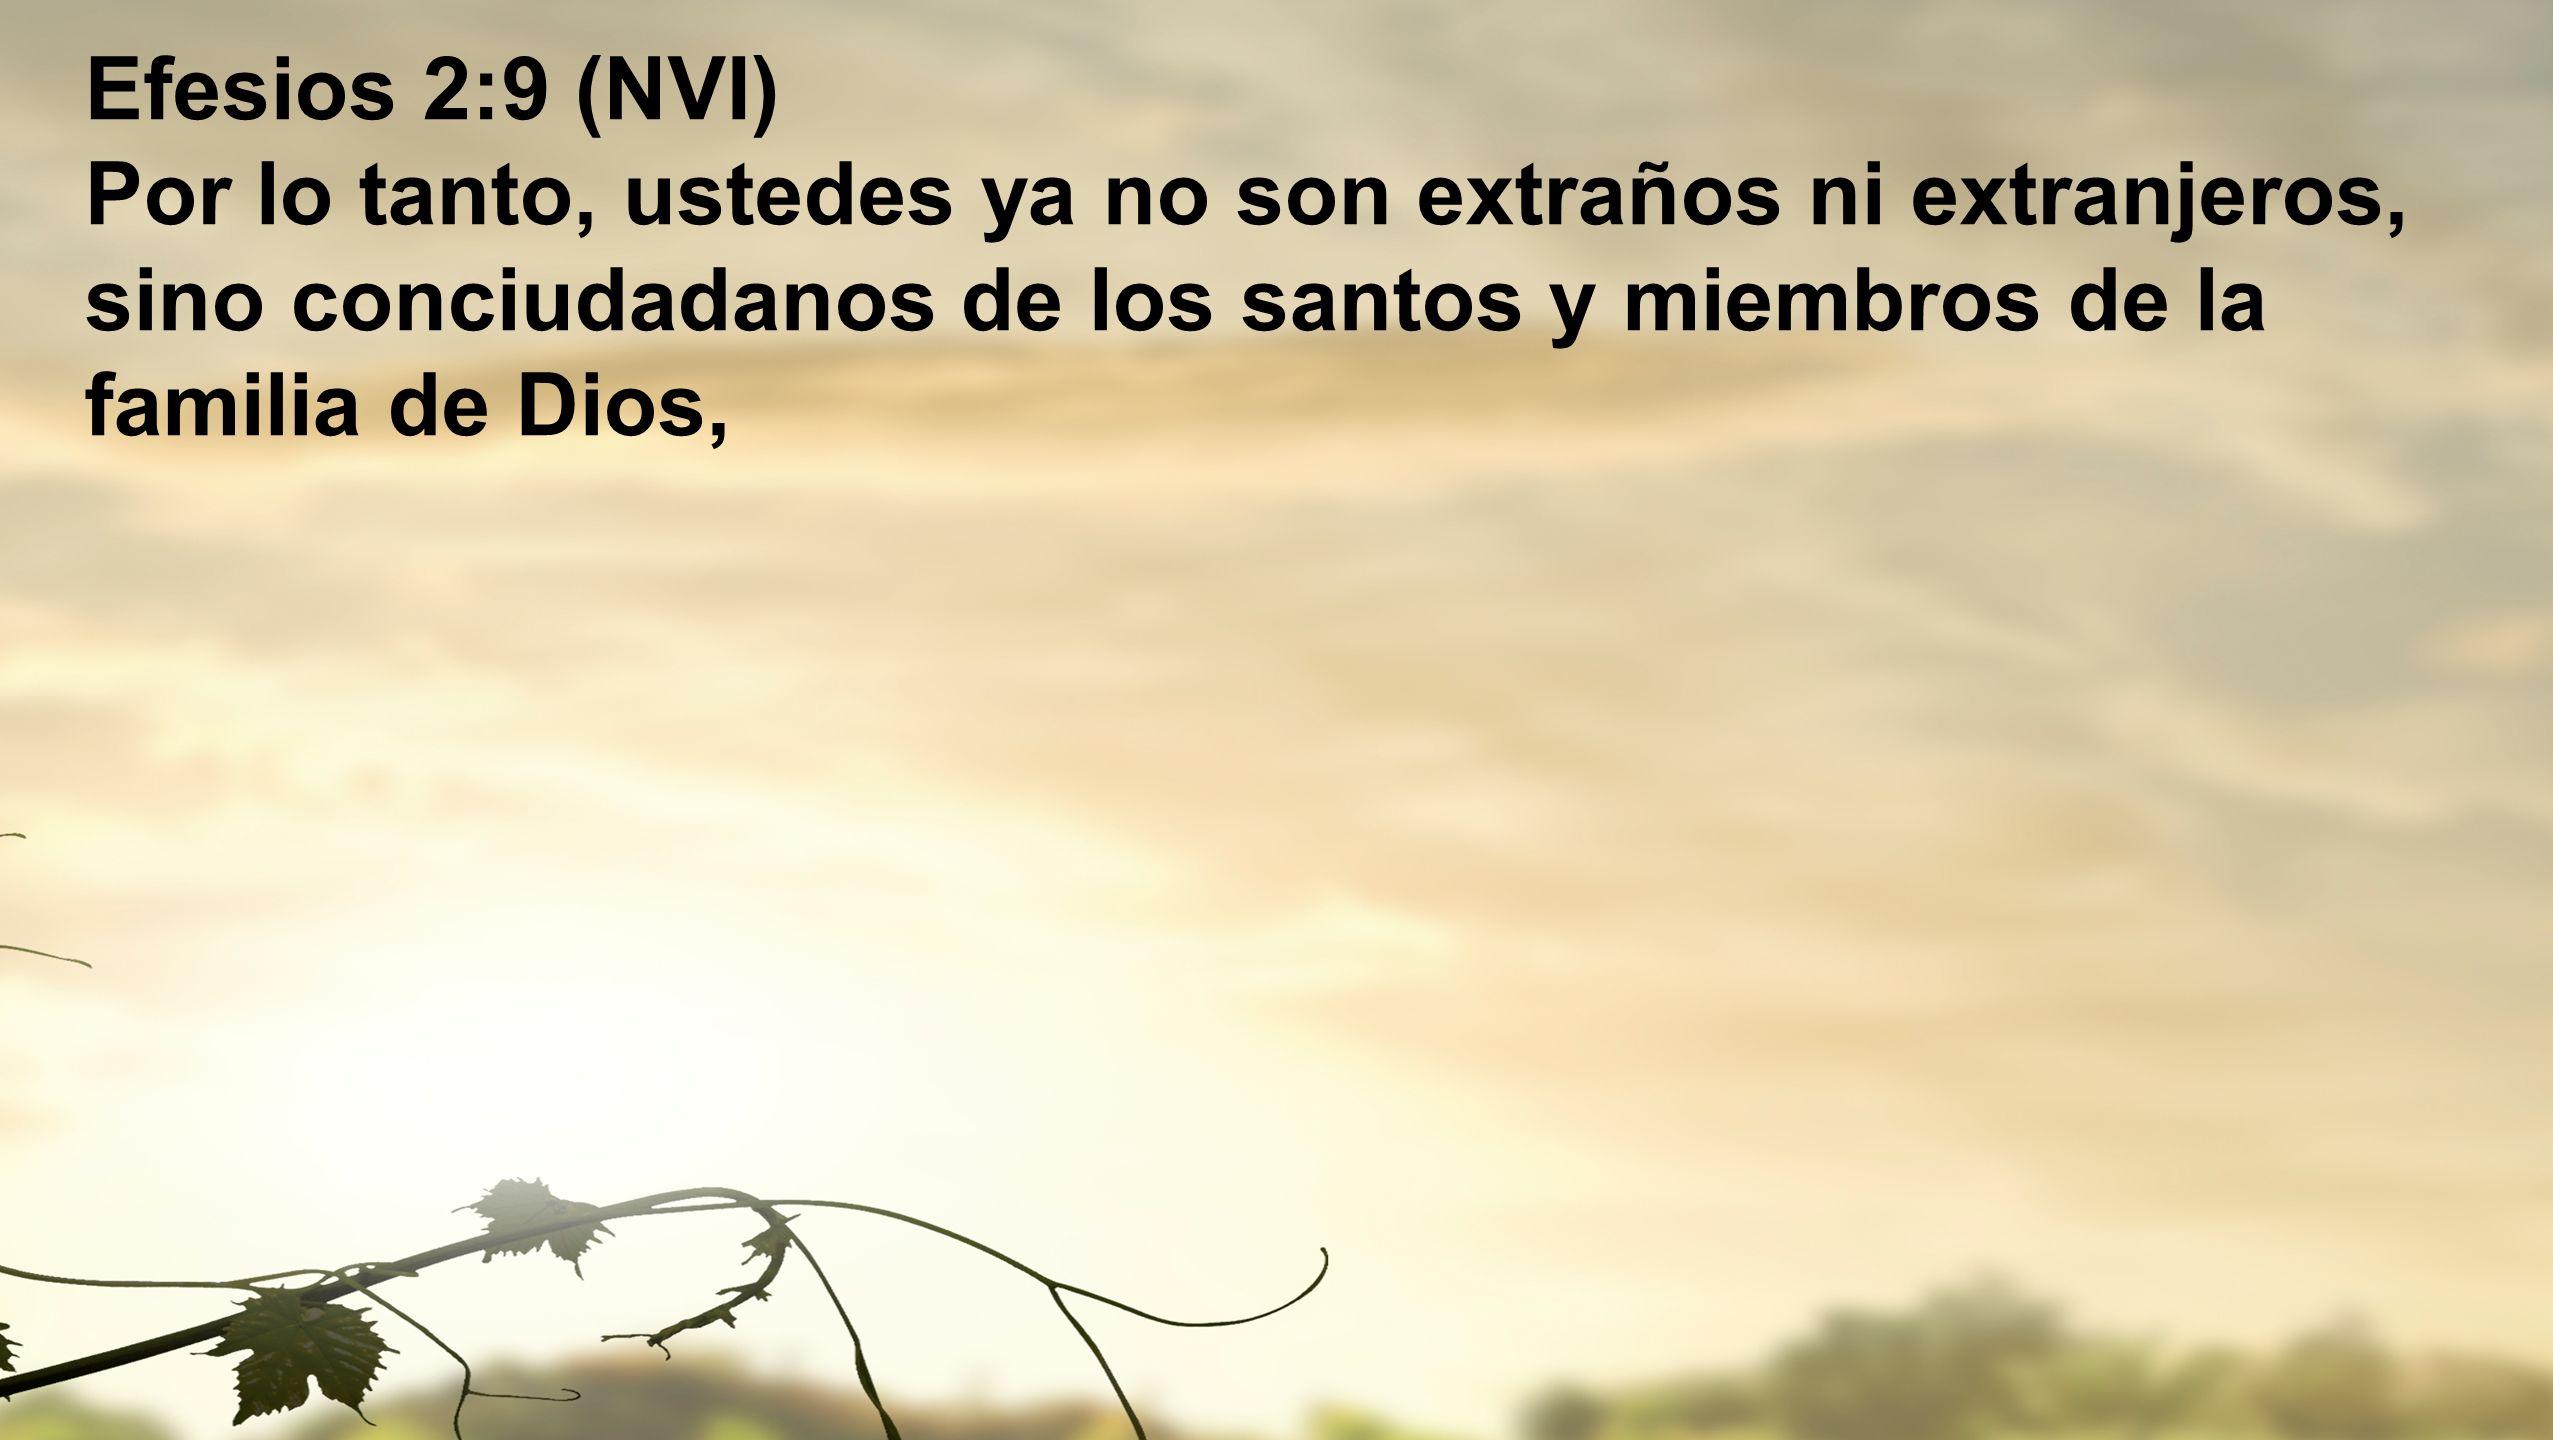 Efesios 2:9 (NVI) Por lo tanto, ustedes ya no son extraños ni extranjeros, sino conciudadanos de los santos y miembros de la familia de Dios,